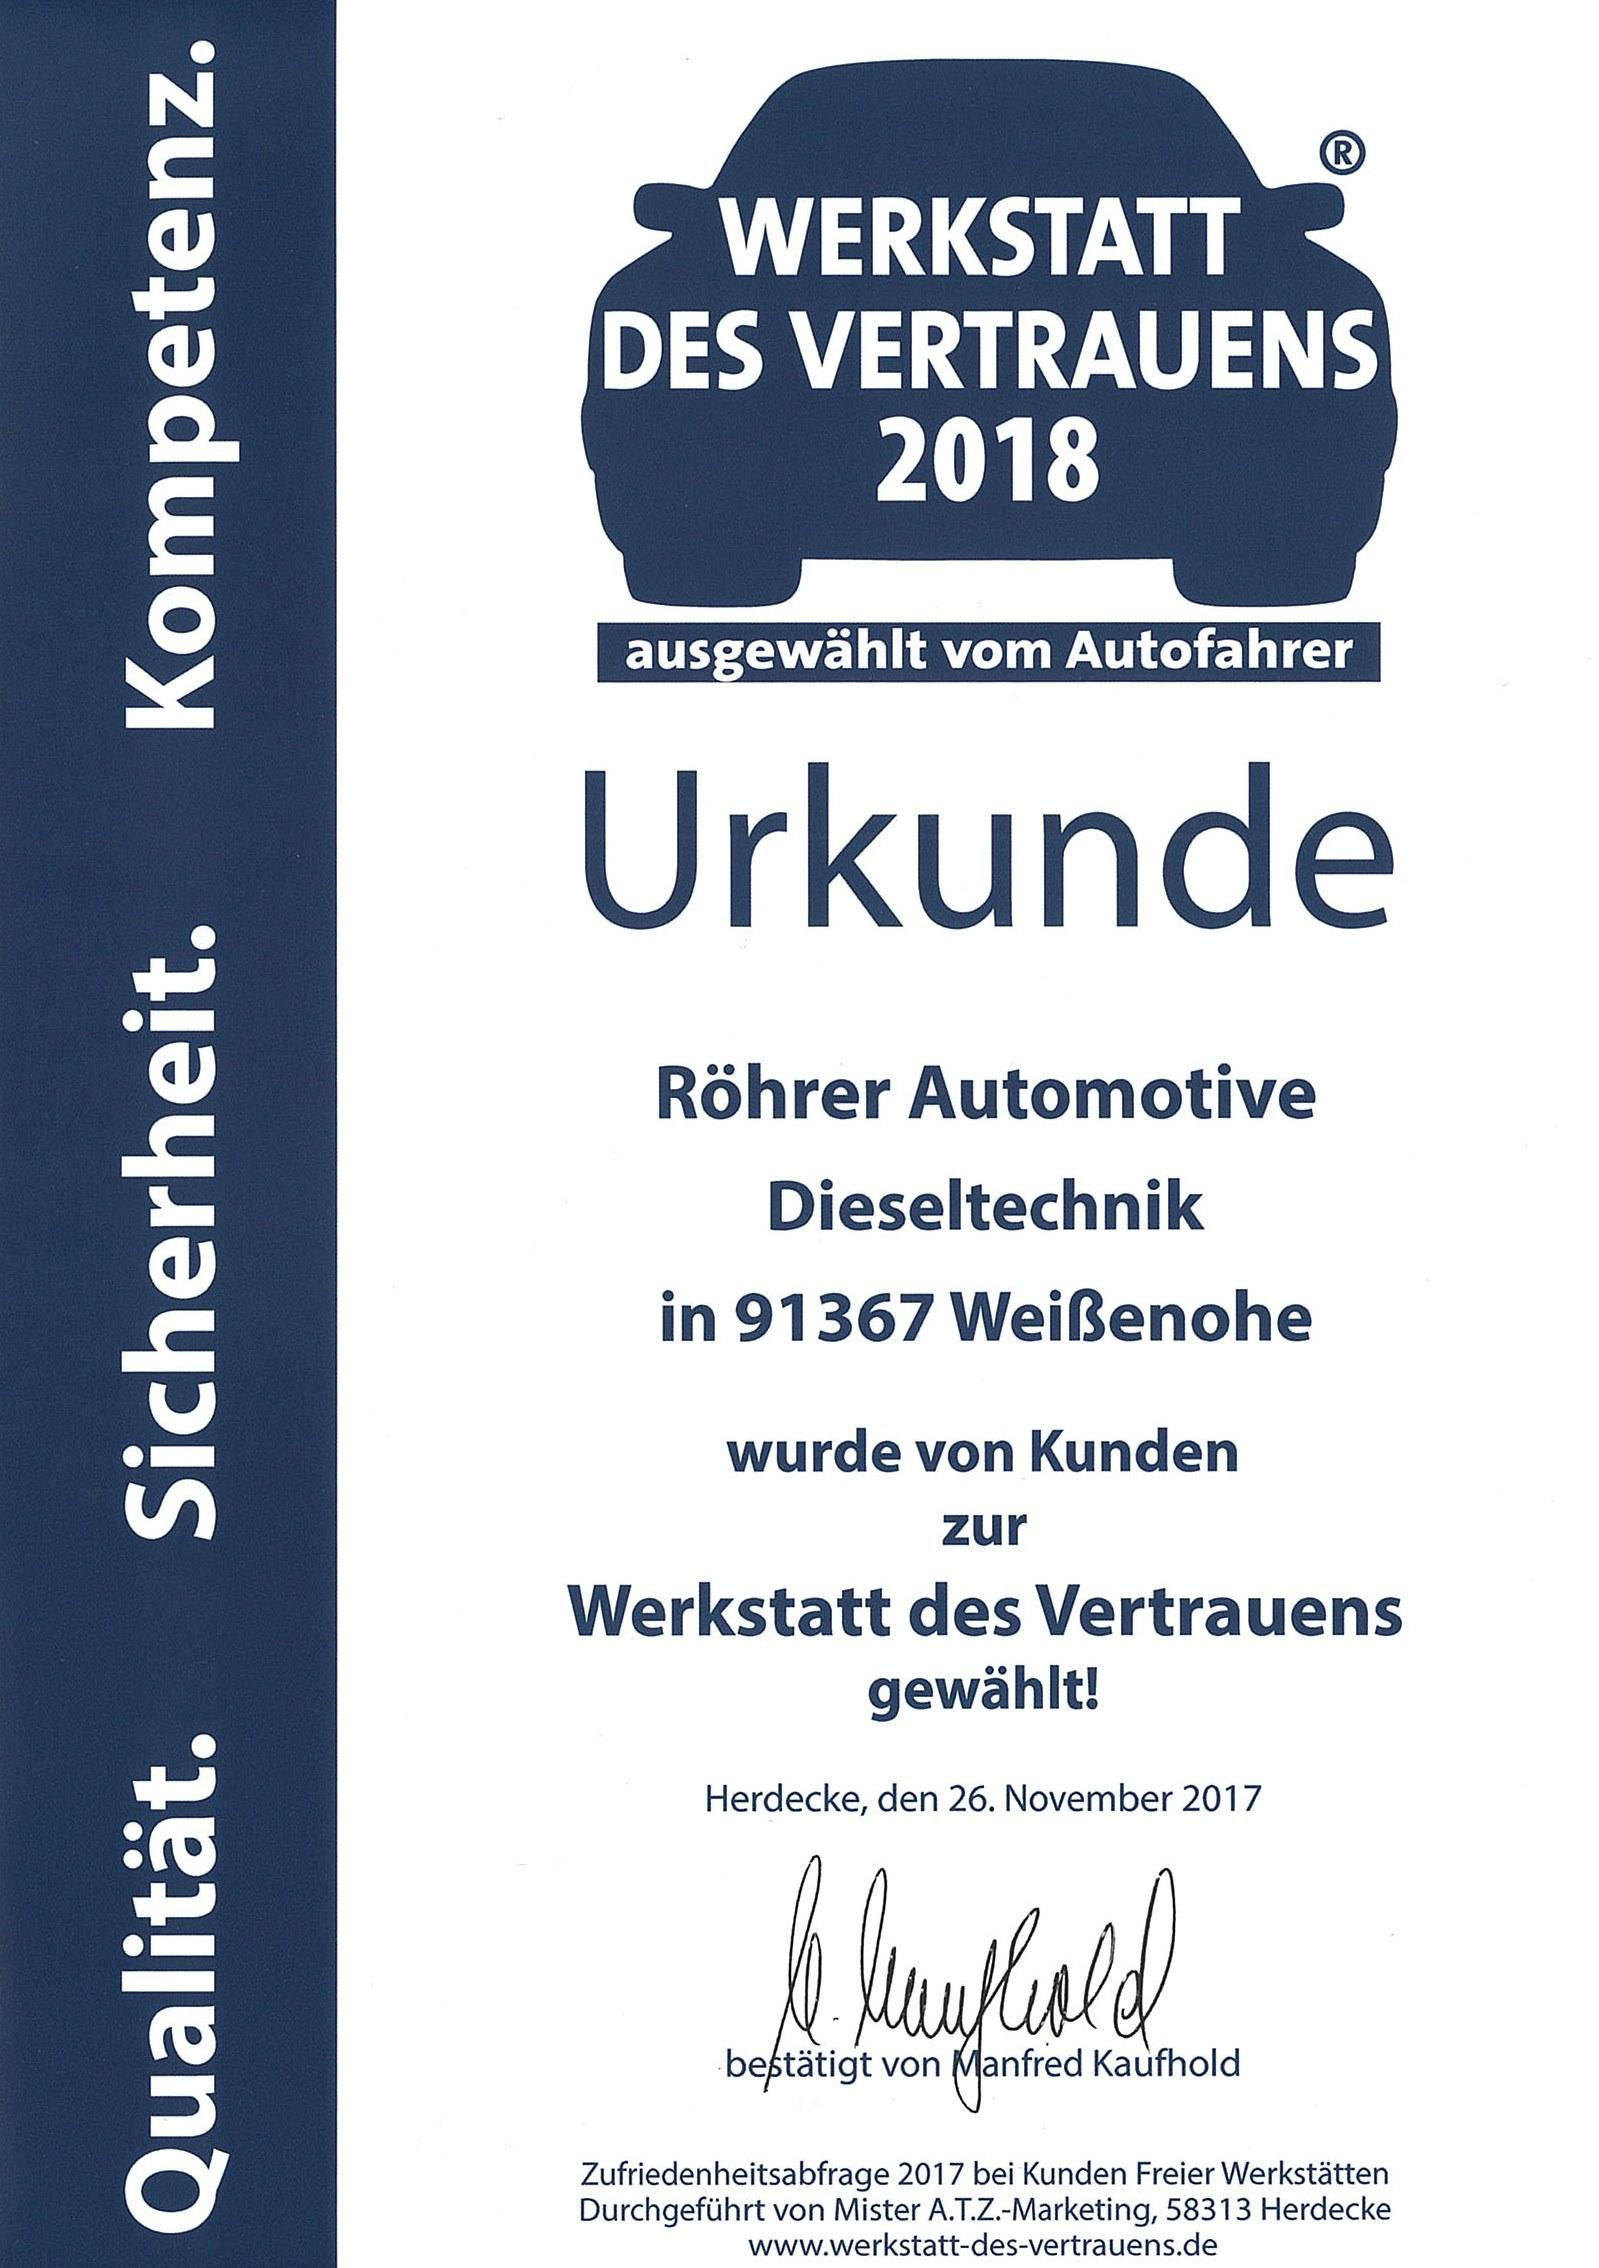 Werkstatt des Vertrauens Röhrer Automotive